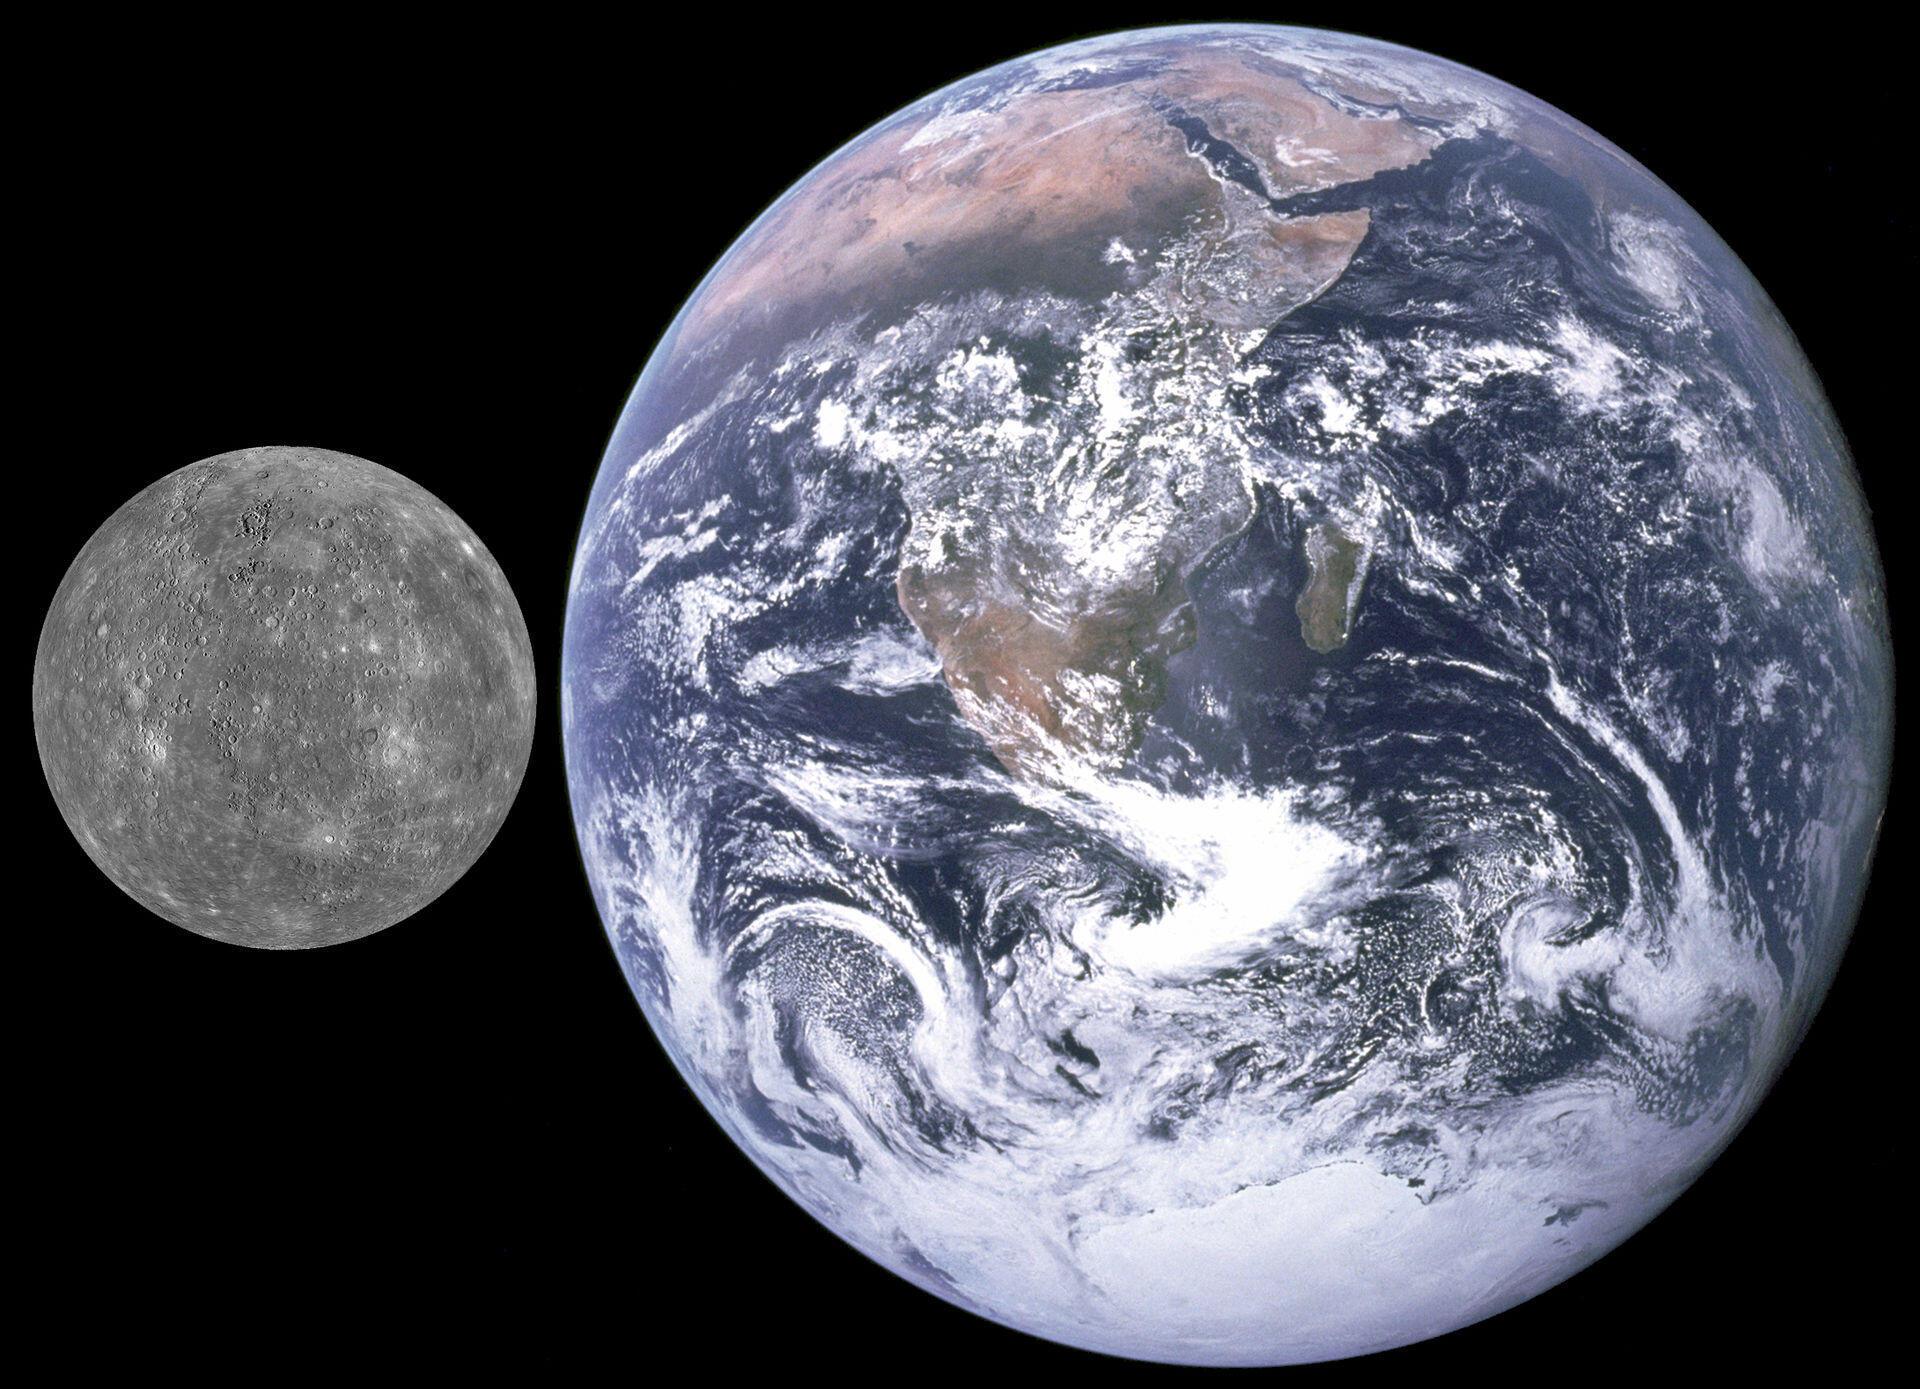 O planeta Mercúrio é muito pequeno em comparação com a Terra.